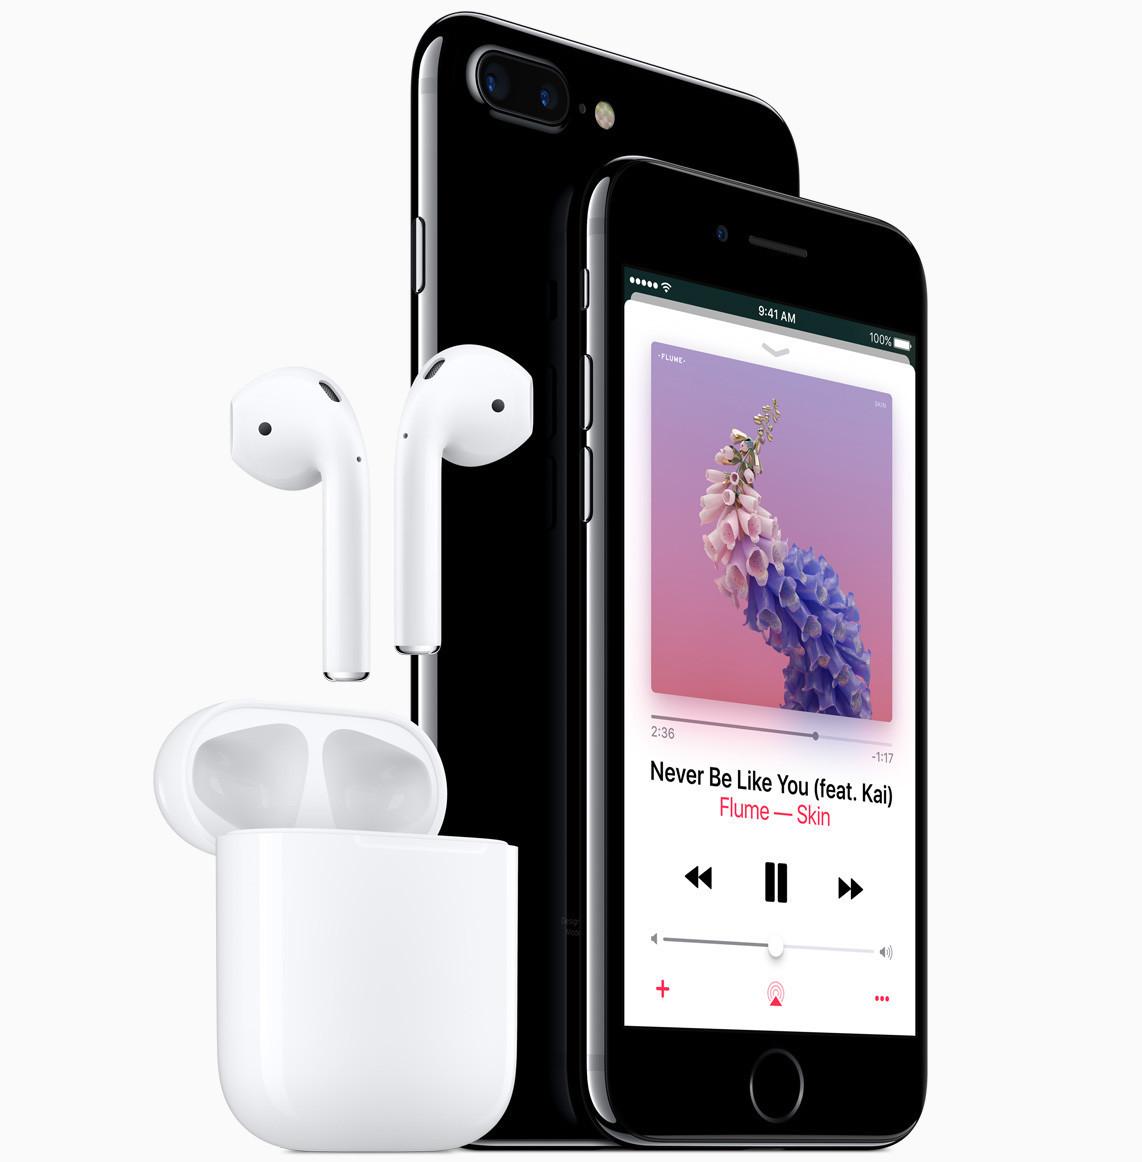 a8de4102d79 iPhone 7 y iPhone 7 Plus, comienza la preventa en México